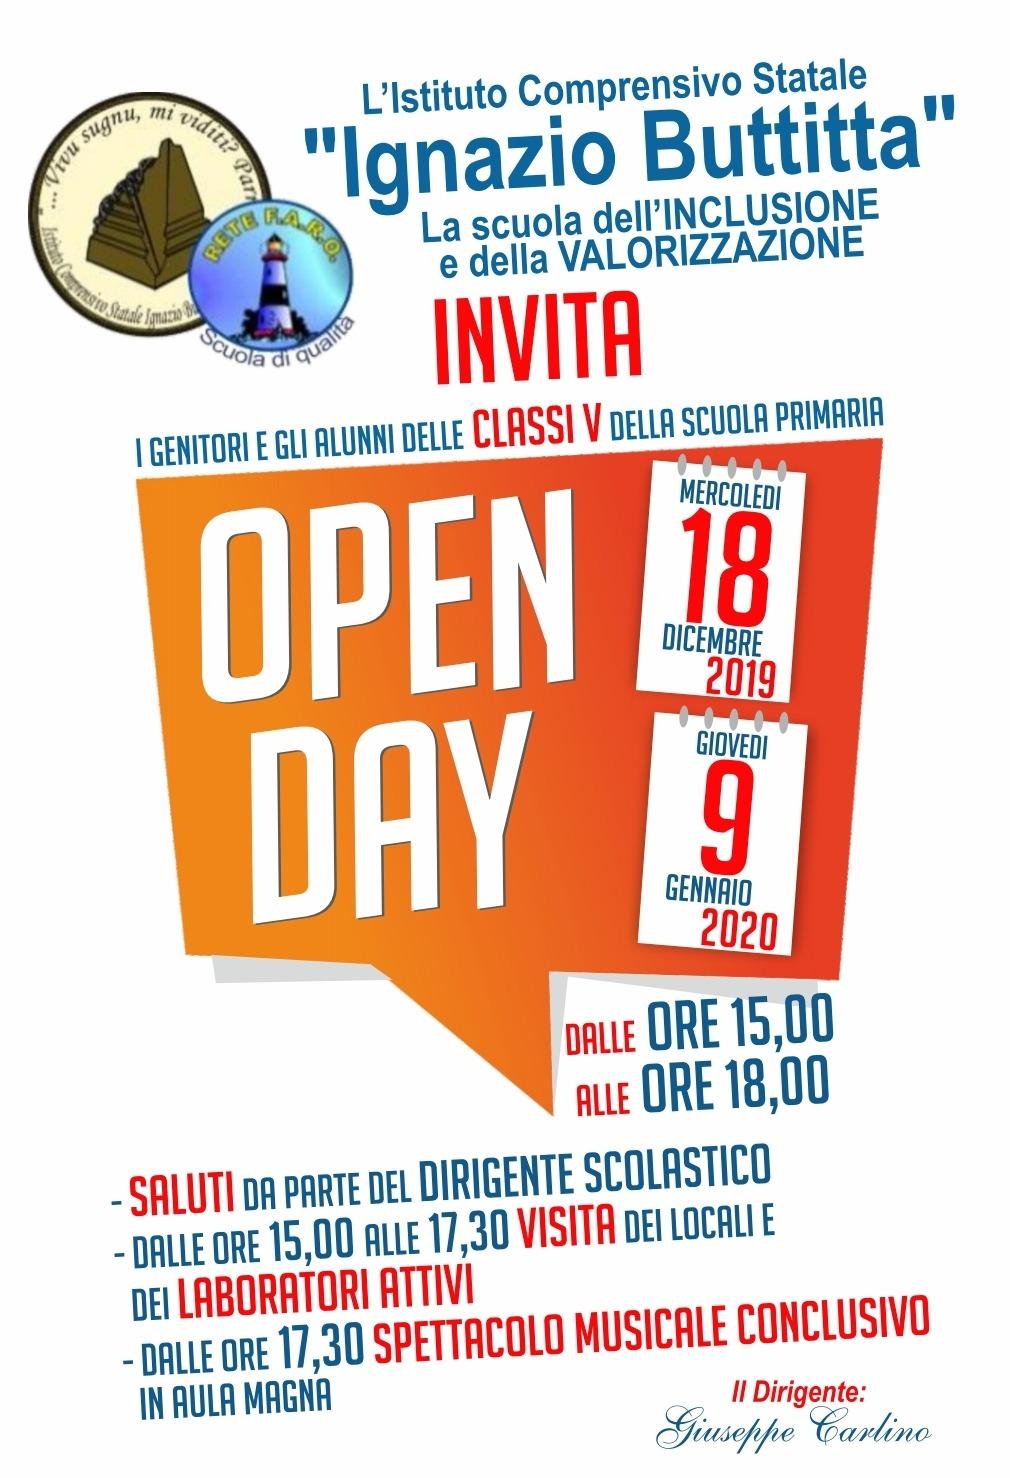 """Pronti a conoscere la nostra scuola? Open Days per l'I.C.S. """"Ignazio Buttitta"""""""